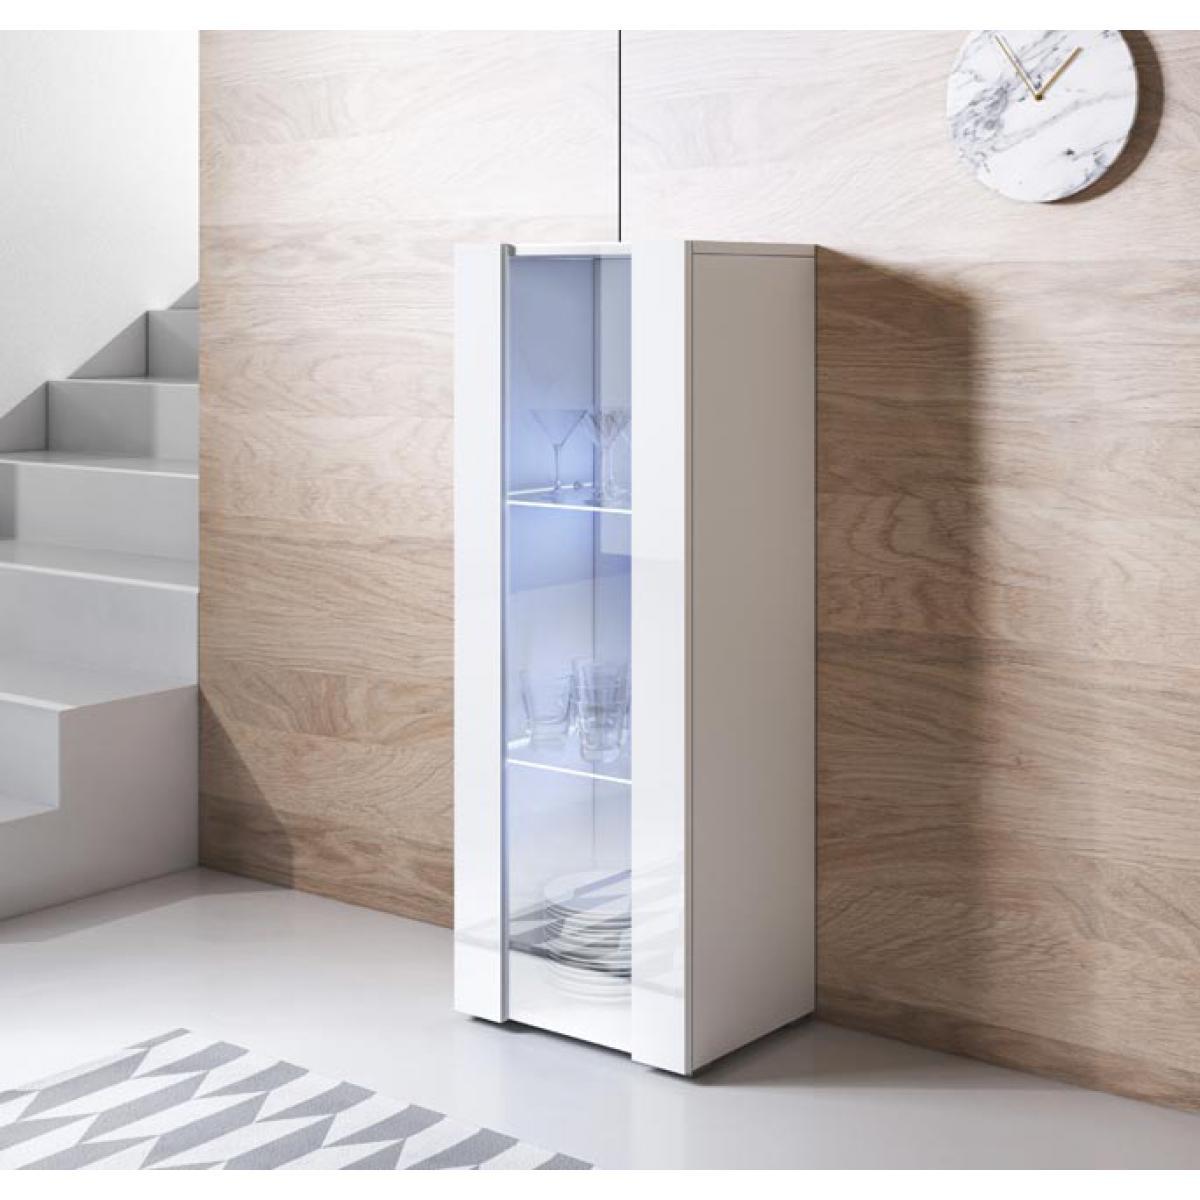 Design Ameublement Vitrine modèle Luke V2 (40x128cm) couleur blanc avec pieds standard